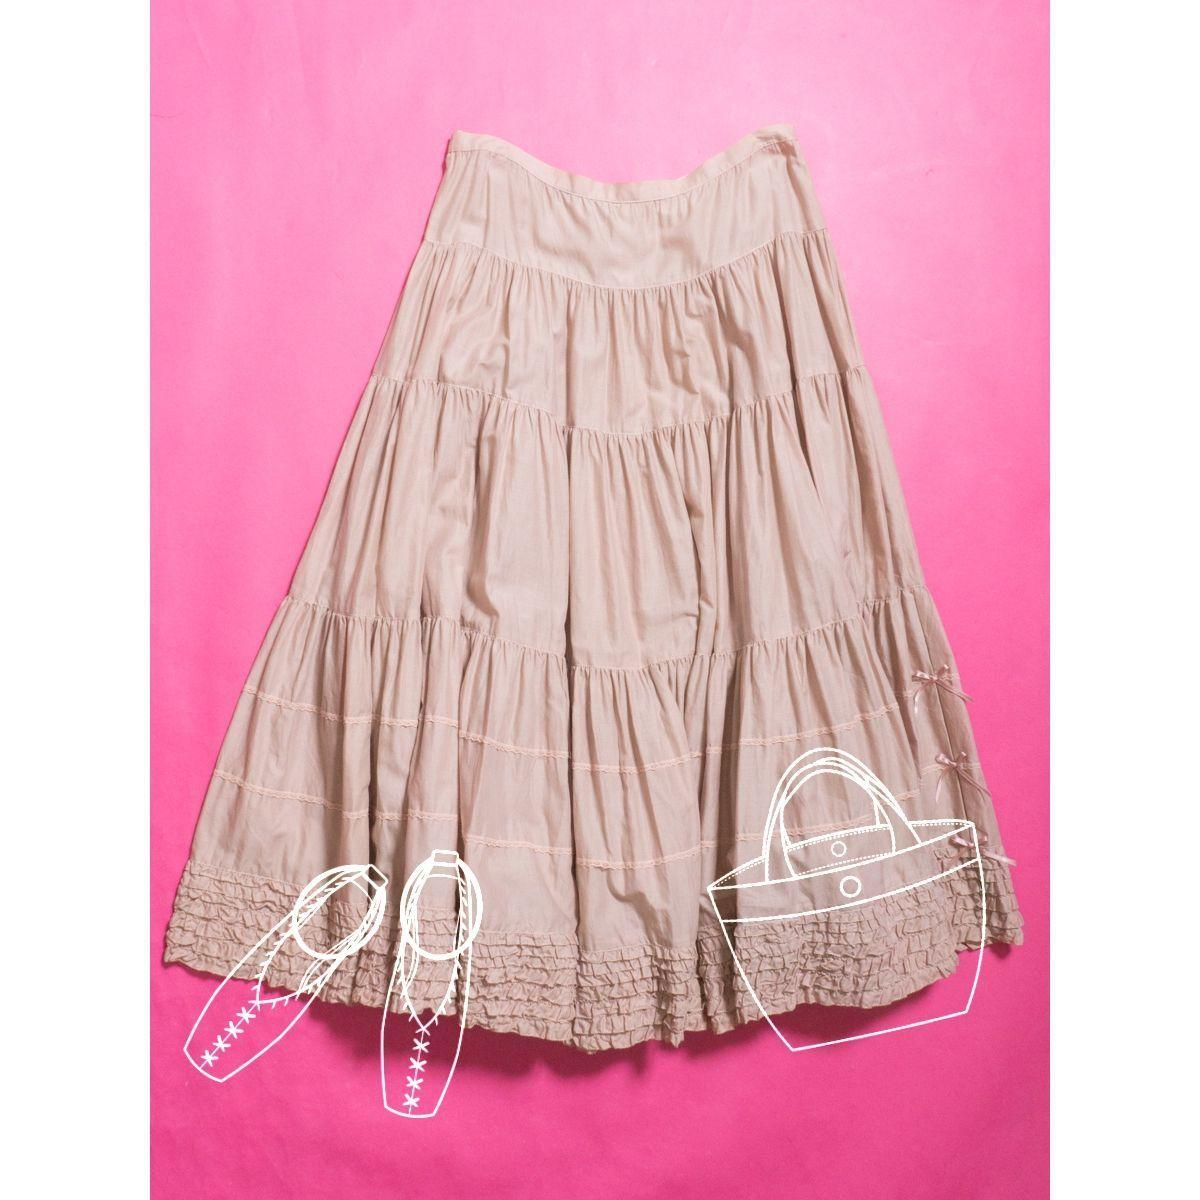 PINKHOUSE ピンクハウス ロングスカート ピンク パステル ギャザー フリル レース リボン ひざ下 フレア 日本製 綿100% コットン かわいい